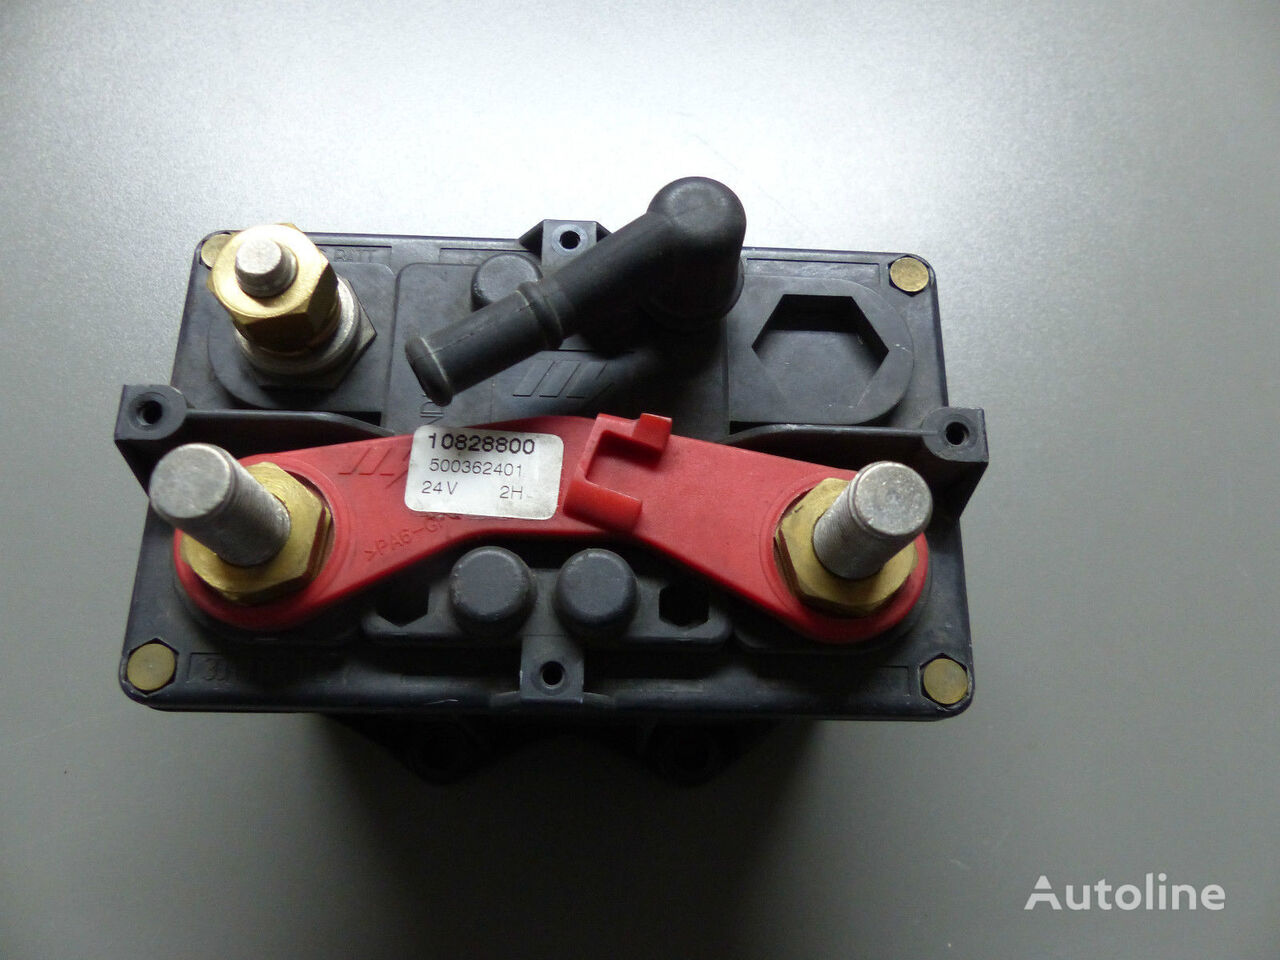 IVECO (500362401) cuadro de instrumentos para IVECO Eurocargo camión